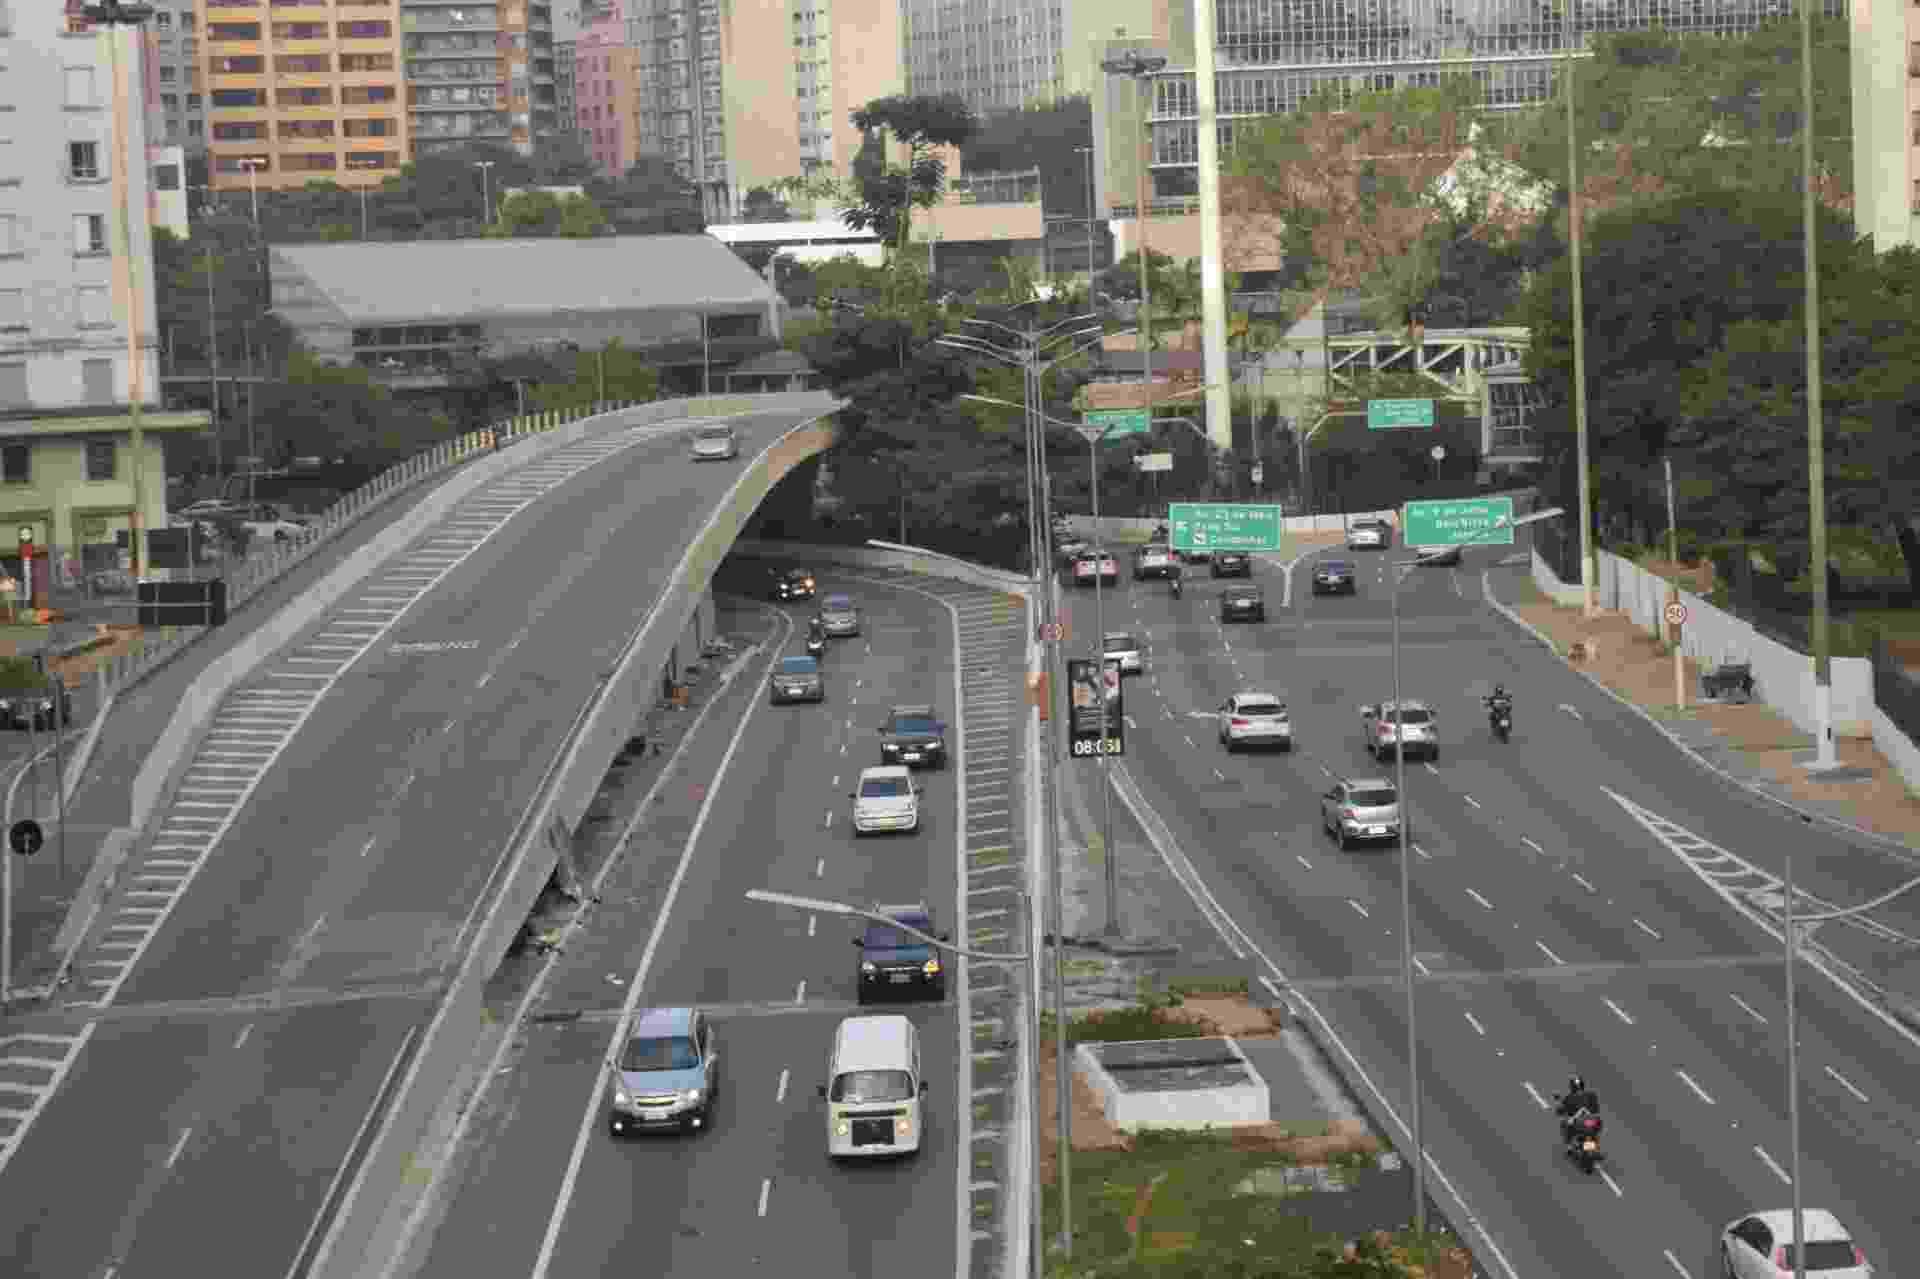 Na manha desta terça feira (29), em São Paulo, trânsito tranquilo em vias que normalmente tem trânsito intenso São Paulo - Roberto Casimiro/Fotoarena/Estadão Conteúdo